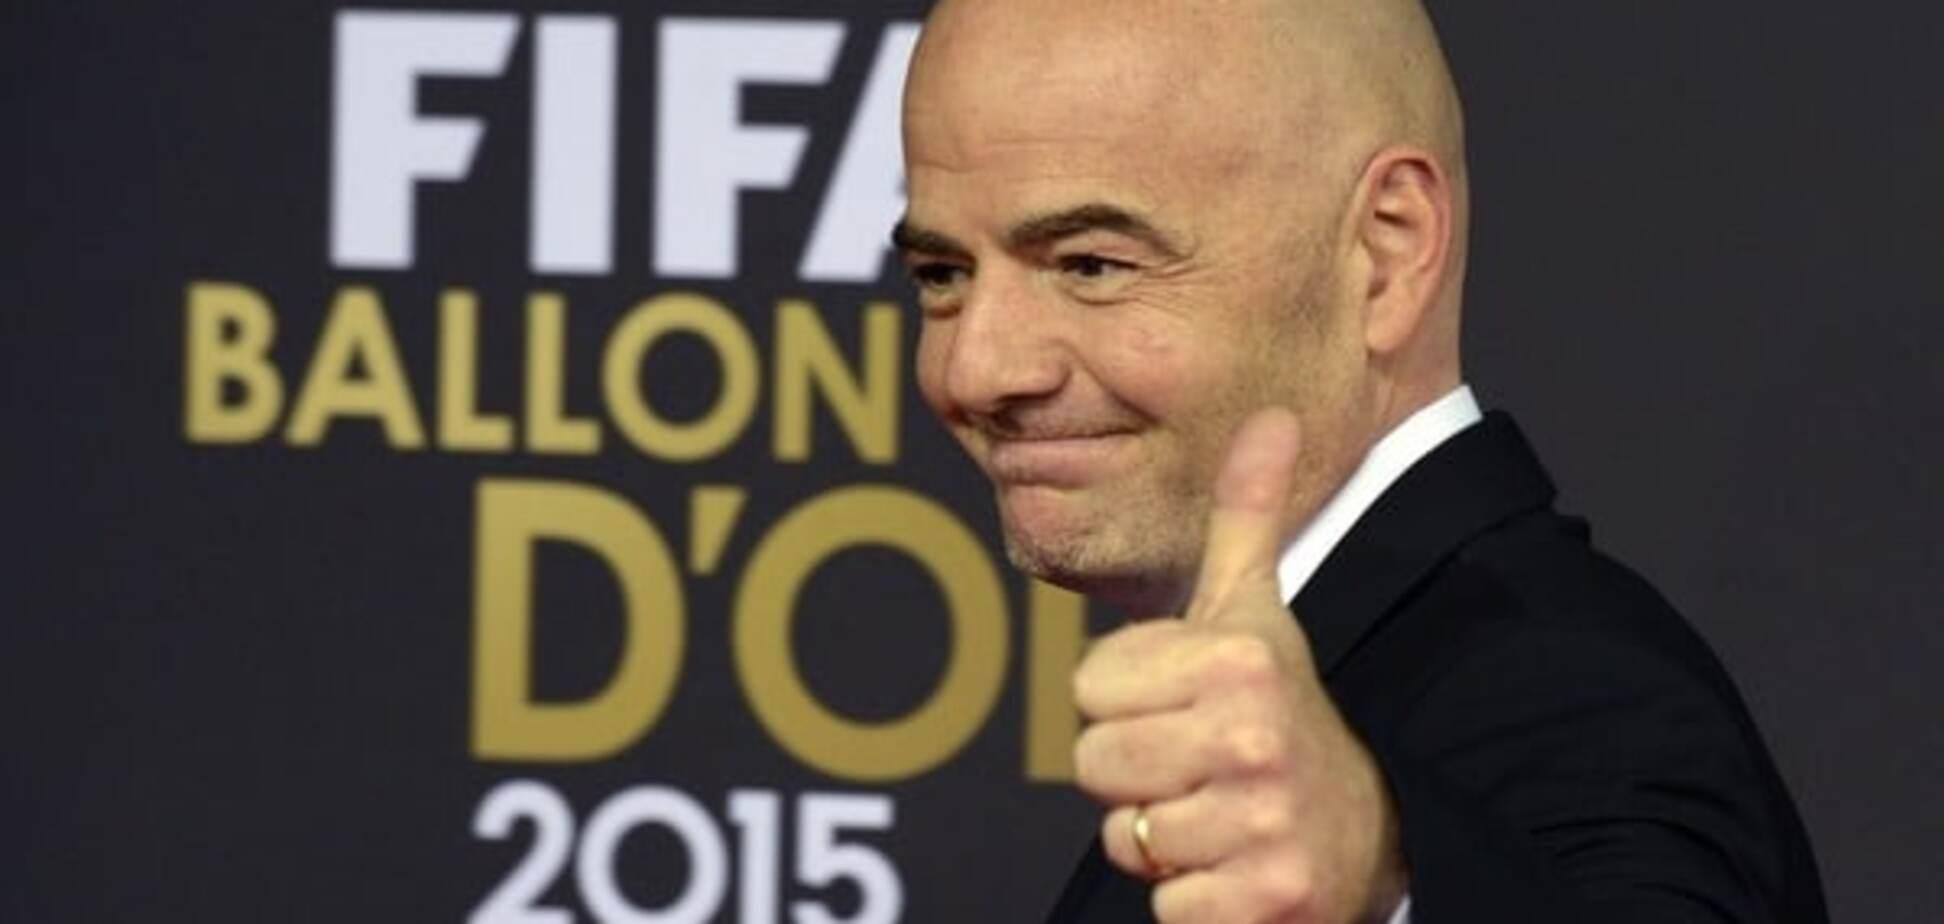 'Може стати в нагоді'. Голова УЄФА заступився за Росію